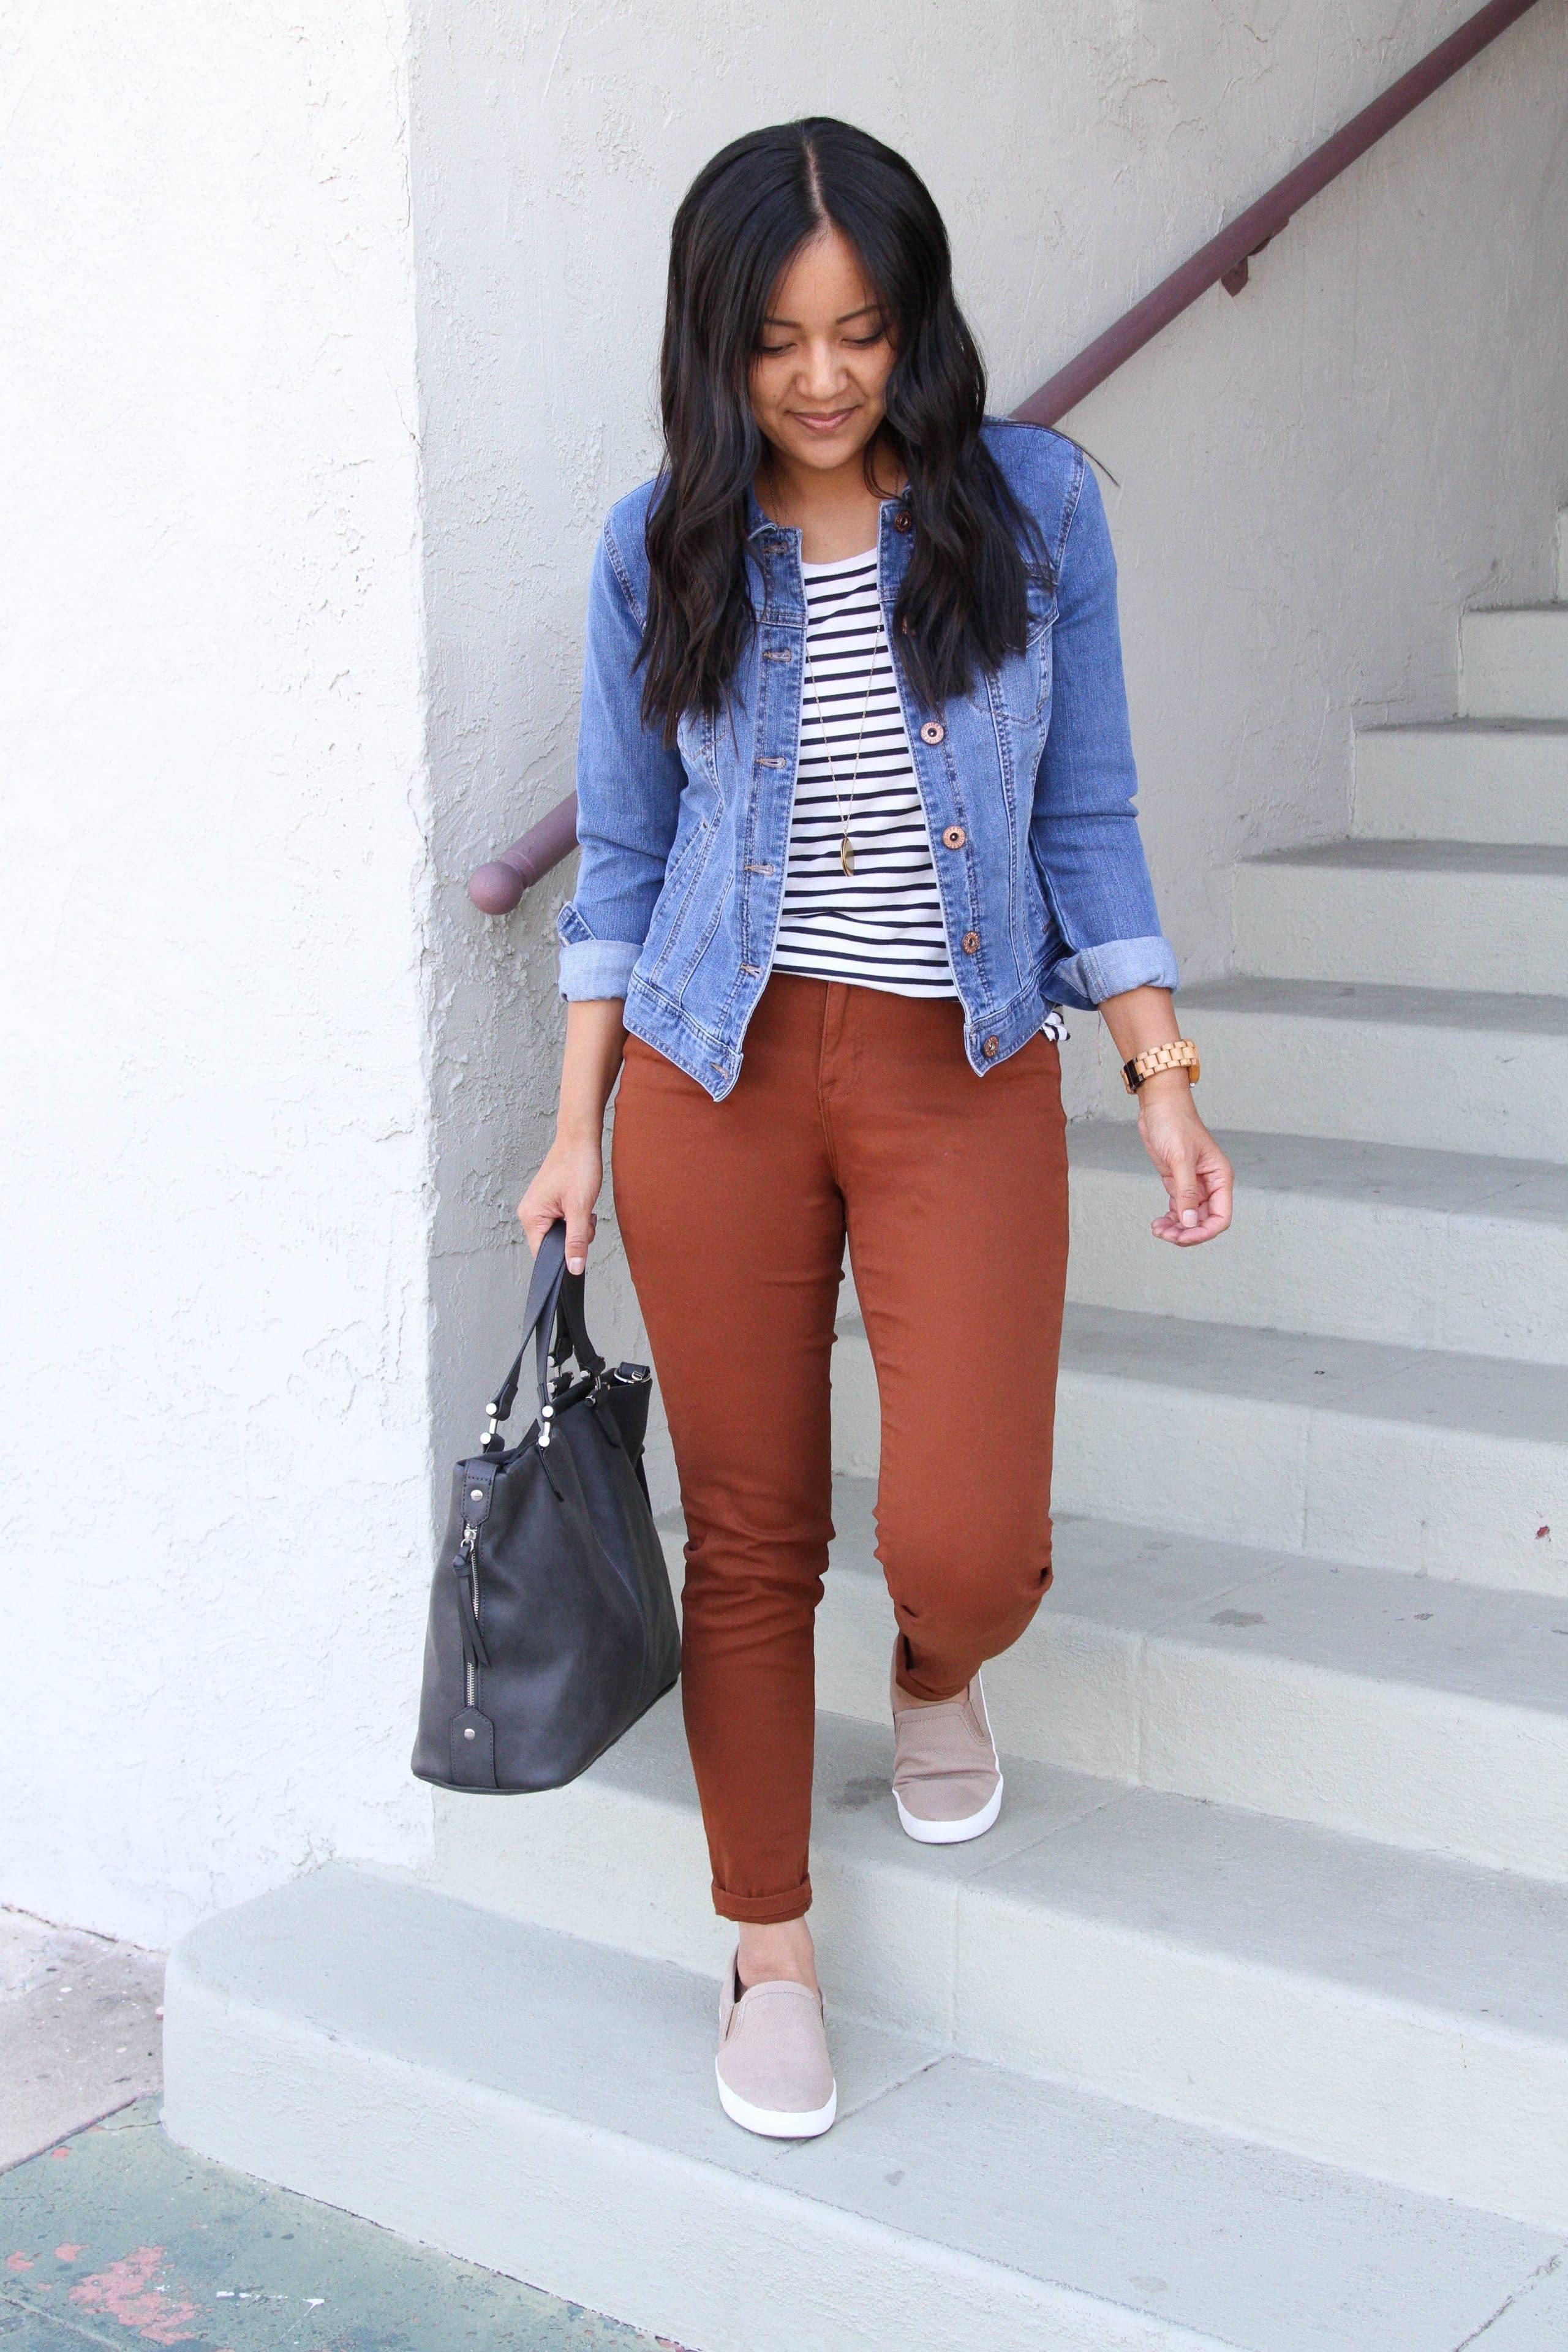 black and white striped tee + brown skinnies + denim jacket + grey purse + tan slip on sneakers